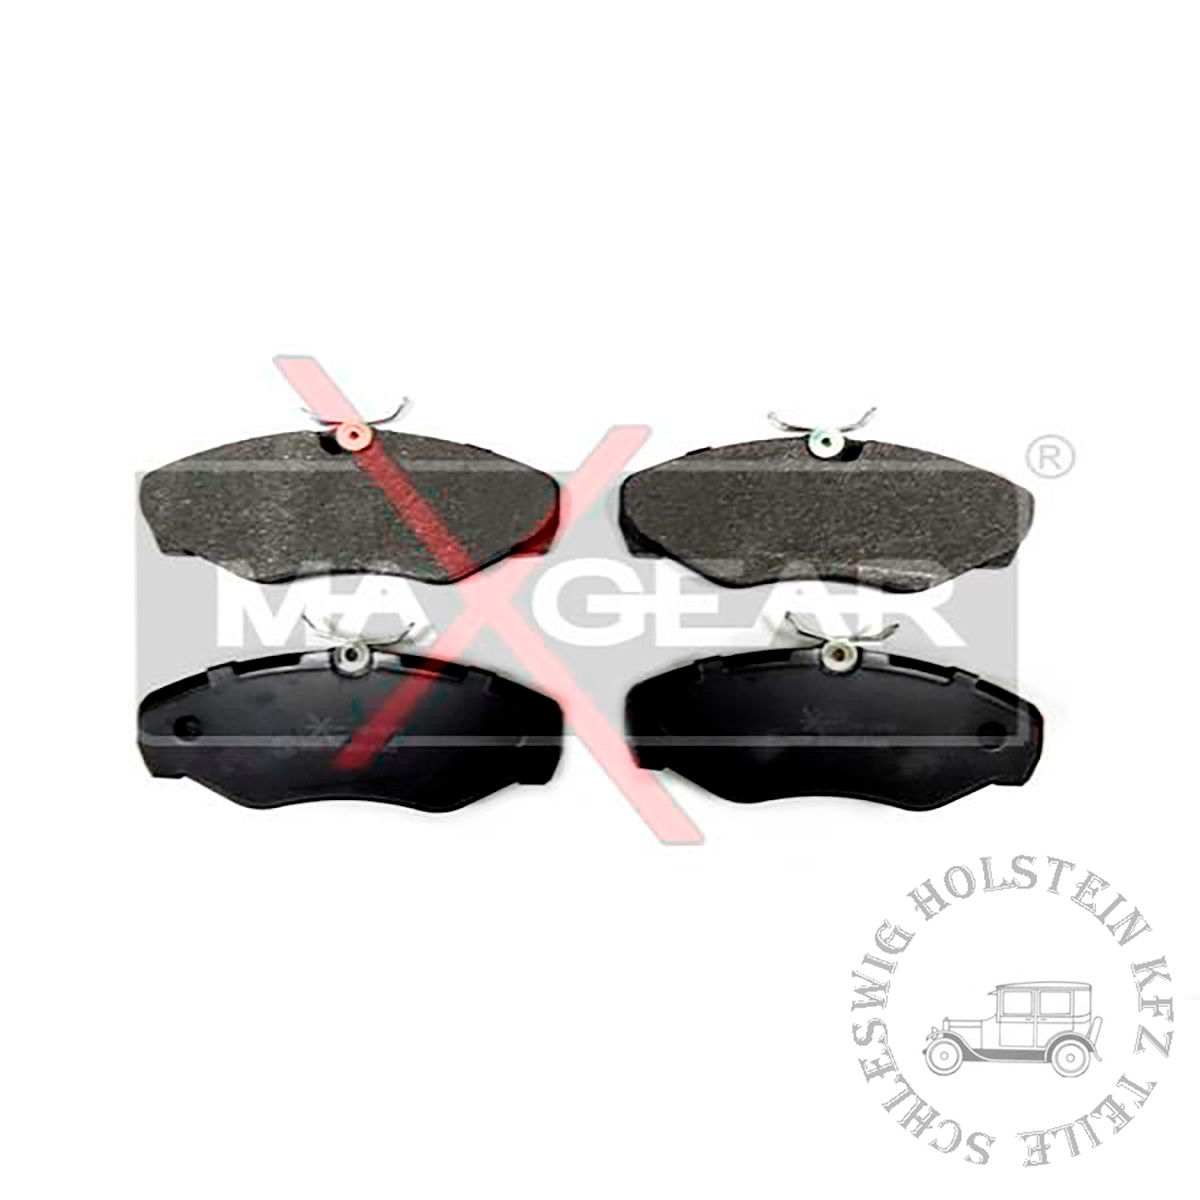 Bremsbelagsatz Vorne für OPEL VIVARO A Kasten (X83) 2.0 CDTI (F7)